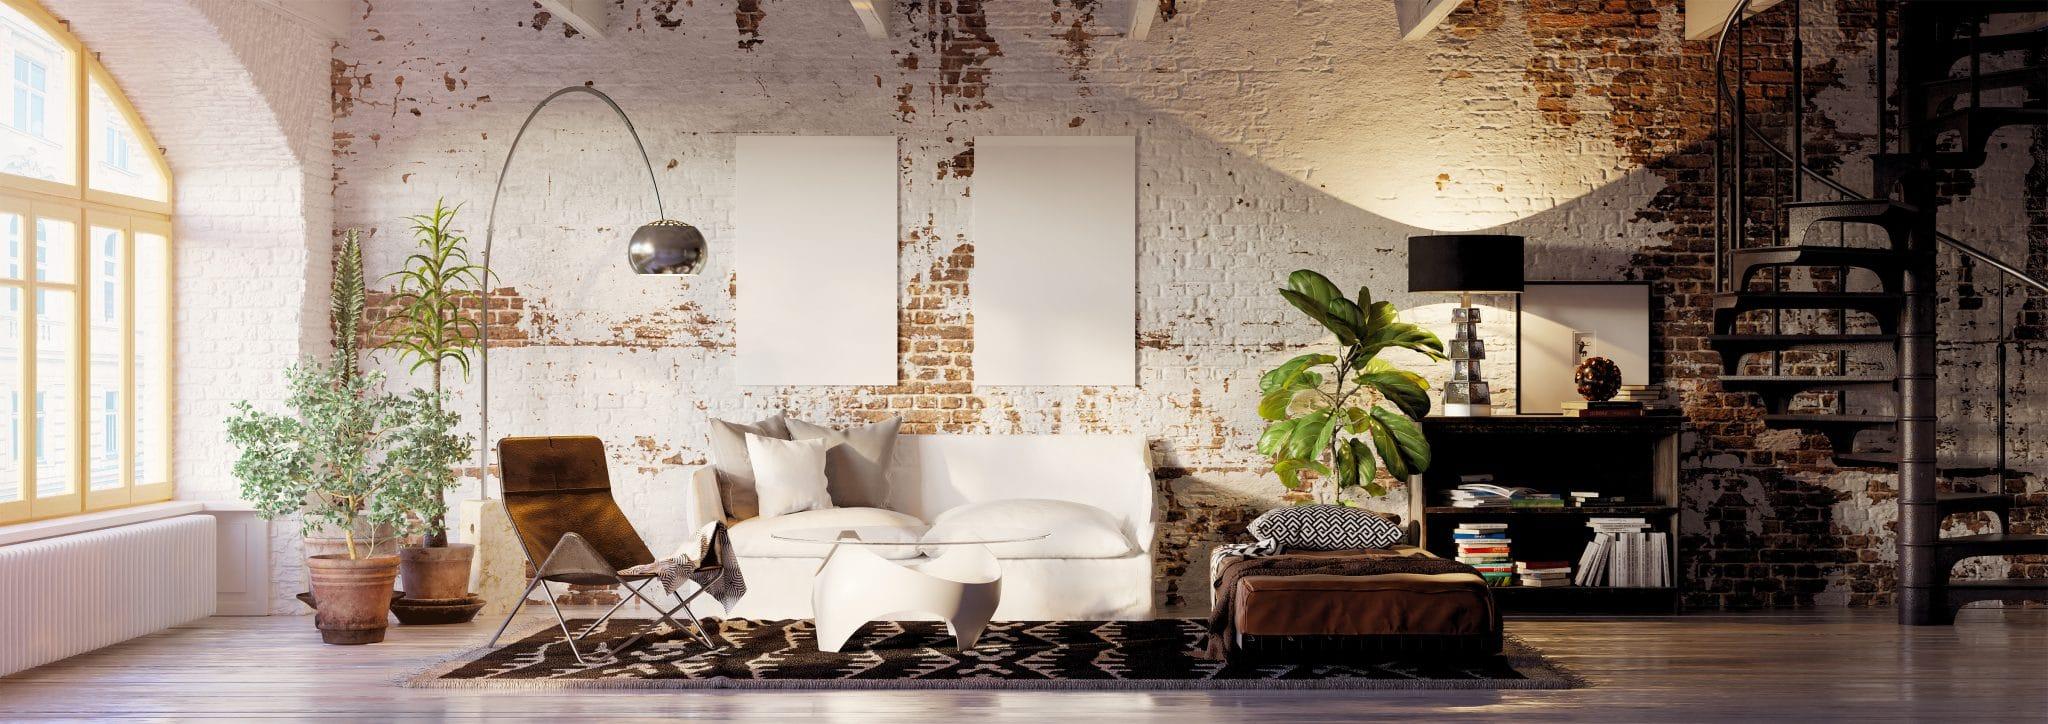 Rénovation d'appartement à Clermont-Ferrand (63)